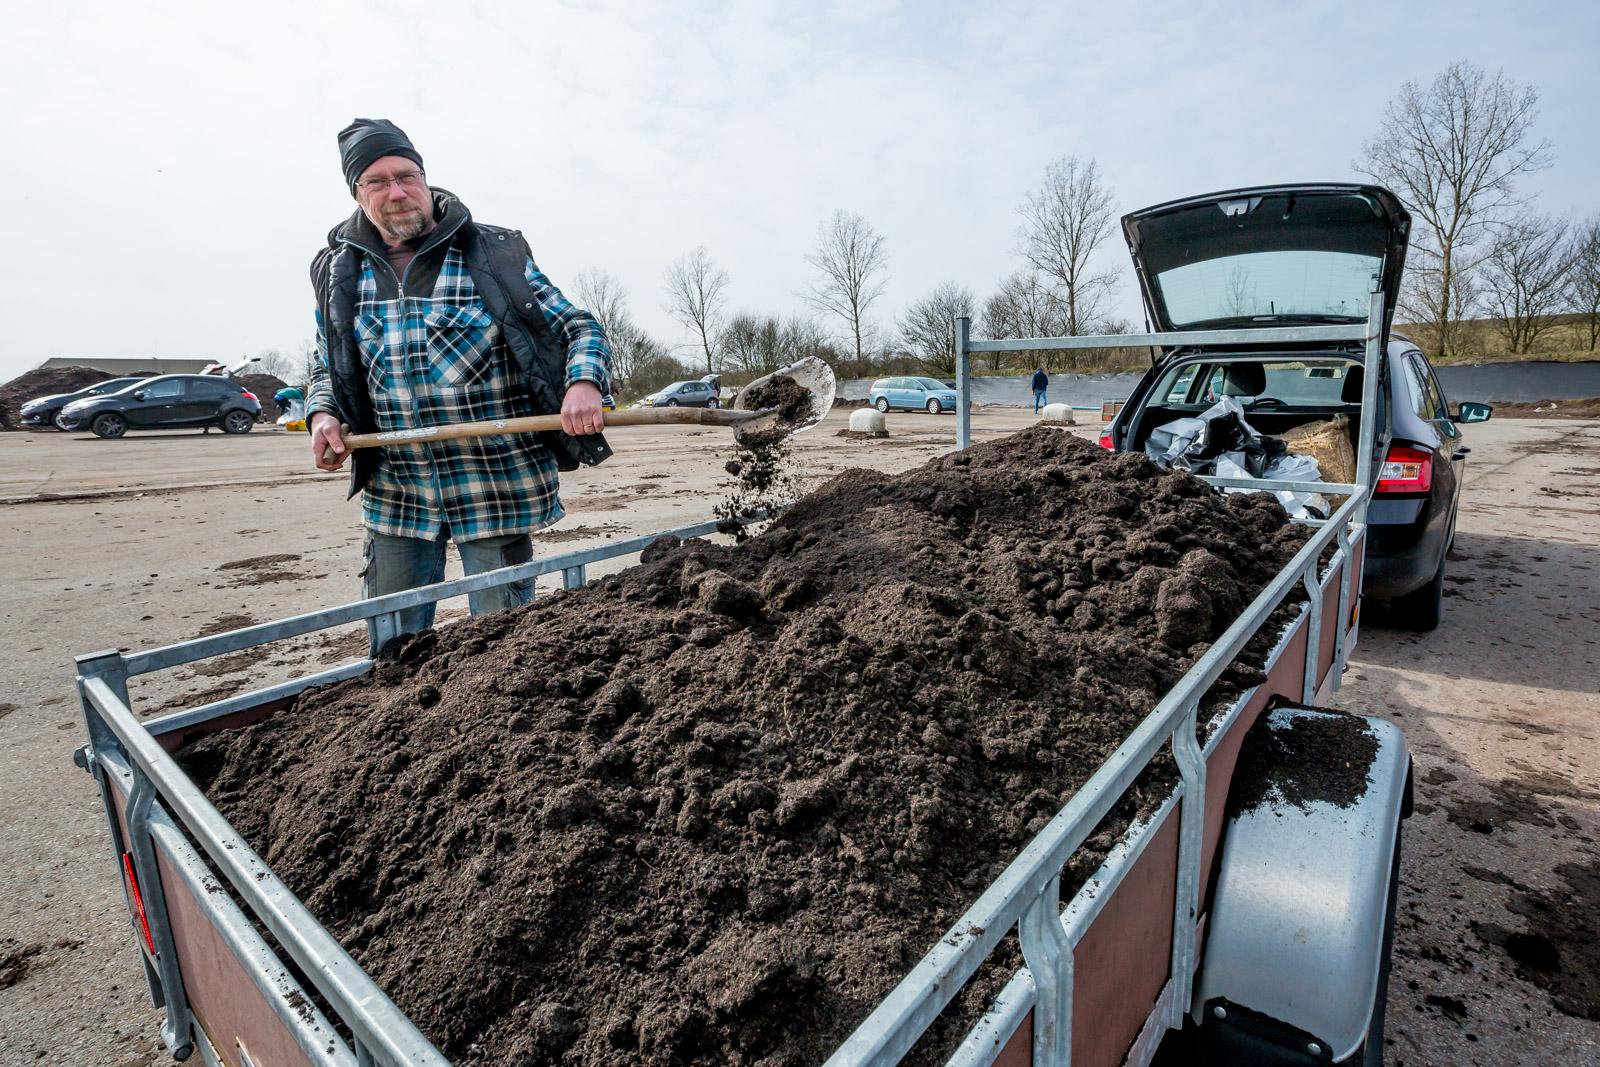 Compost scheppen in de ijzige kou. (Foto: aangeleverd)